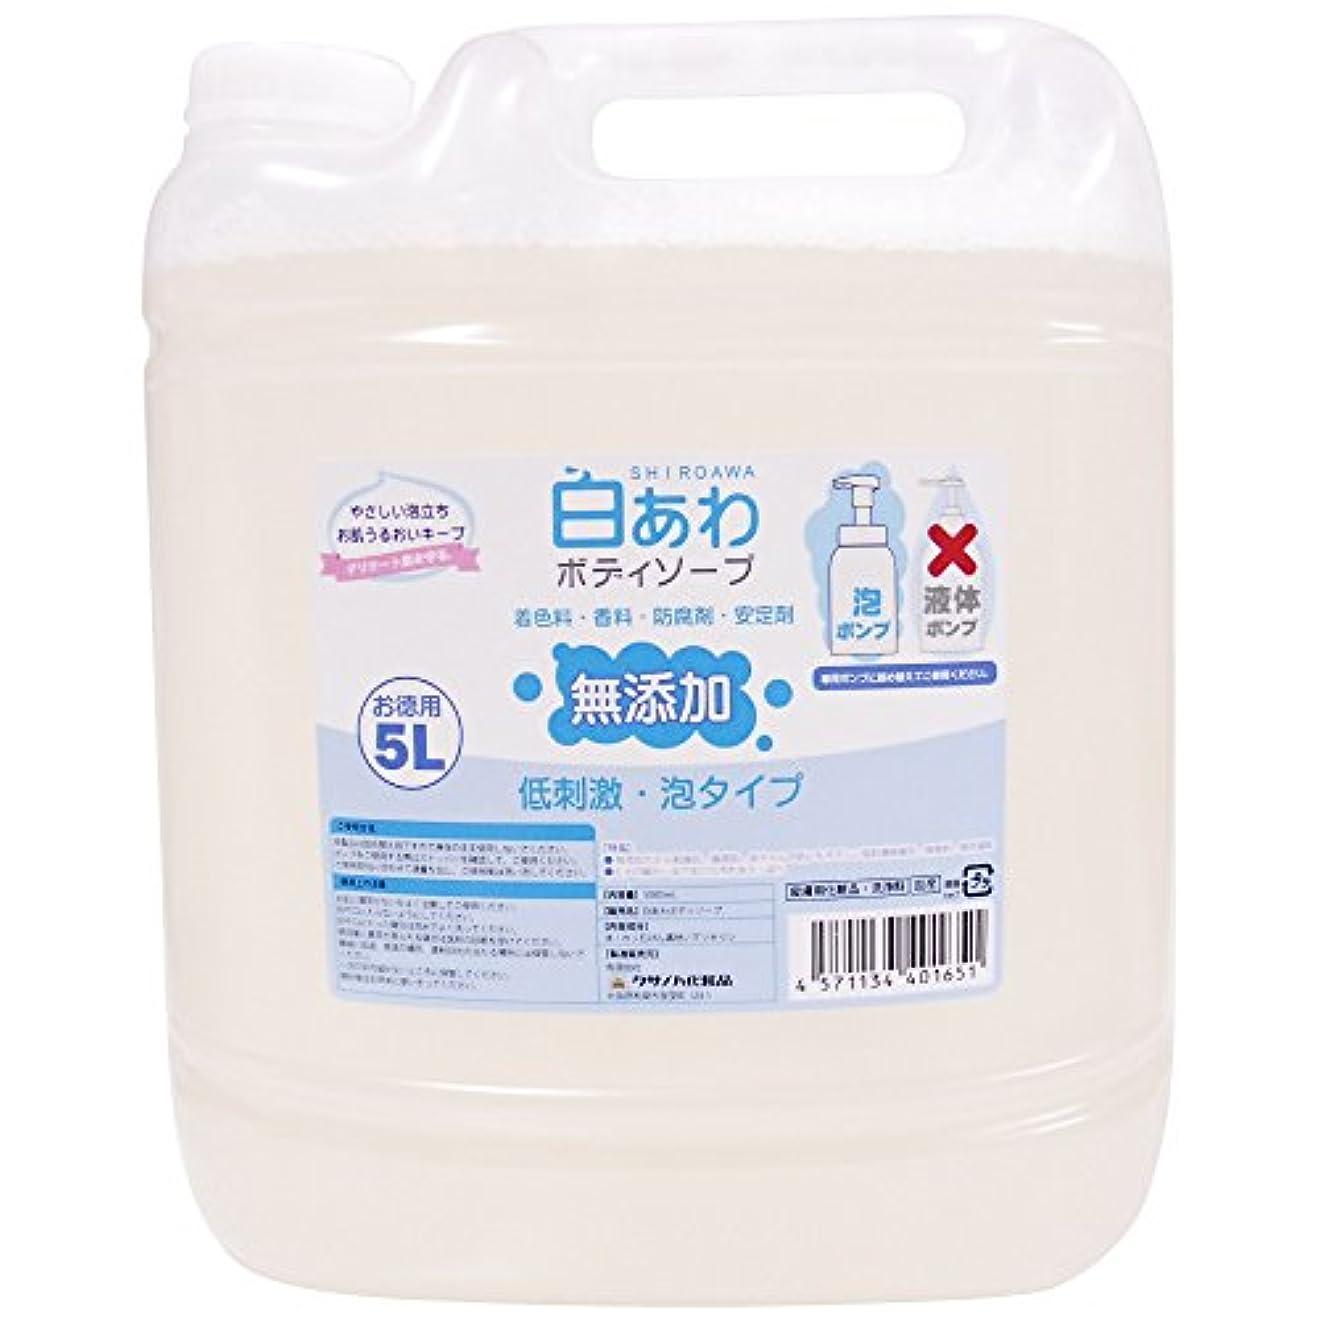 再発するサルベージバンド【無添加】白あわボディソープ 詰替用 5L